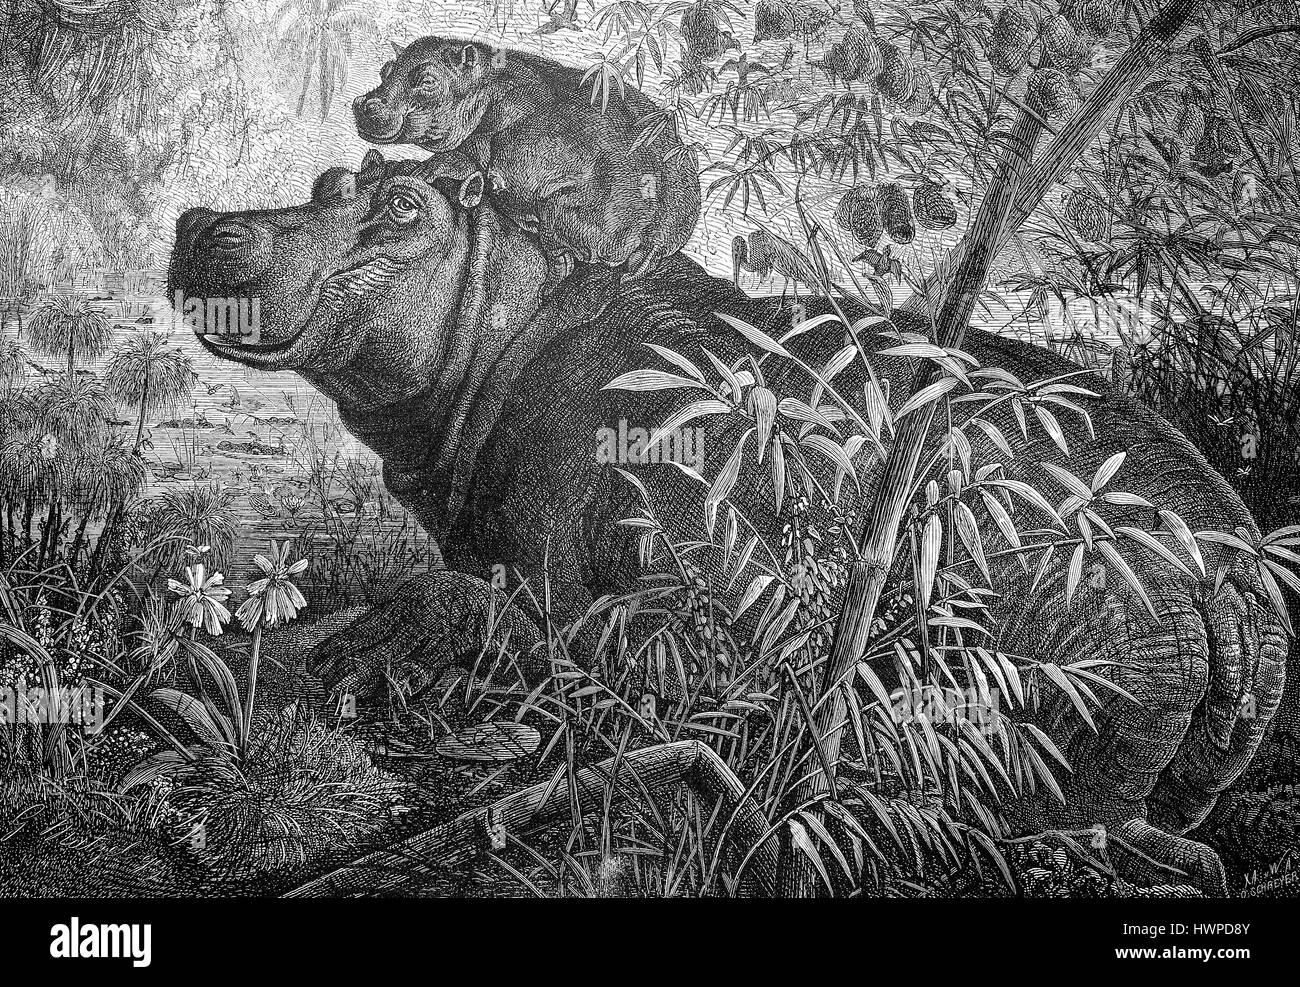 Nilpferd mit jungen in Ost-Afrika, Reproduktion einer original Holzschnitt aus dem Jahr 1882, digital verbessert Stockbild